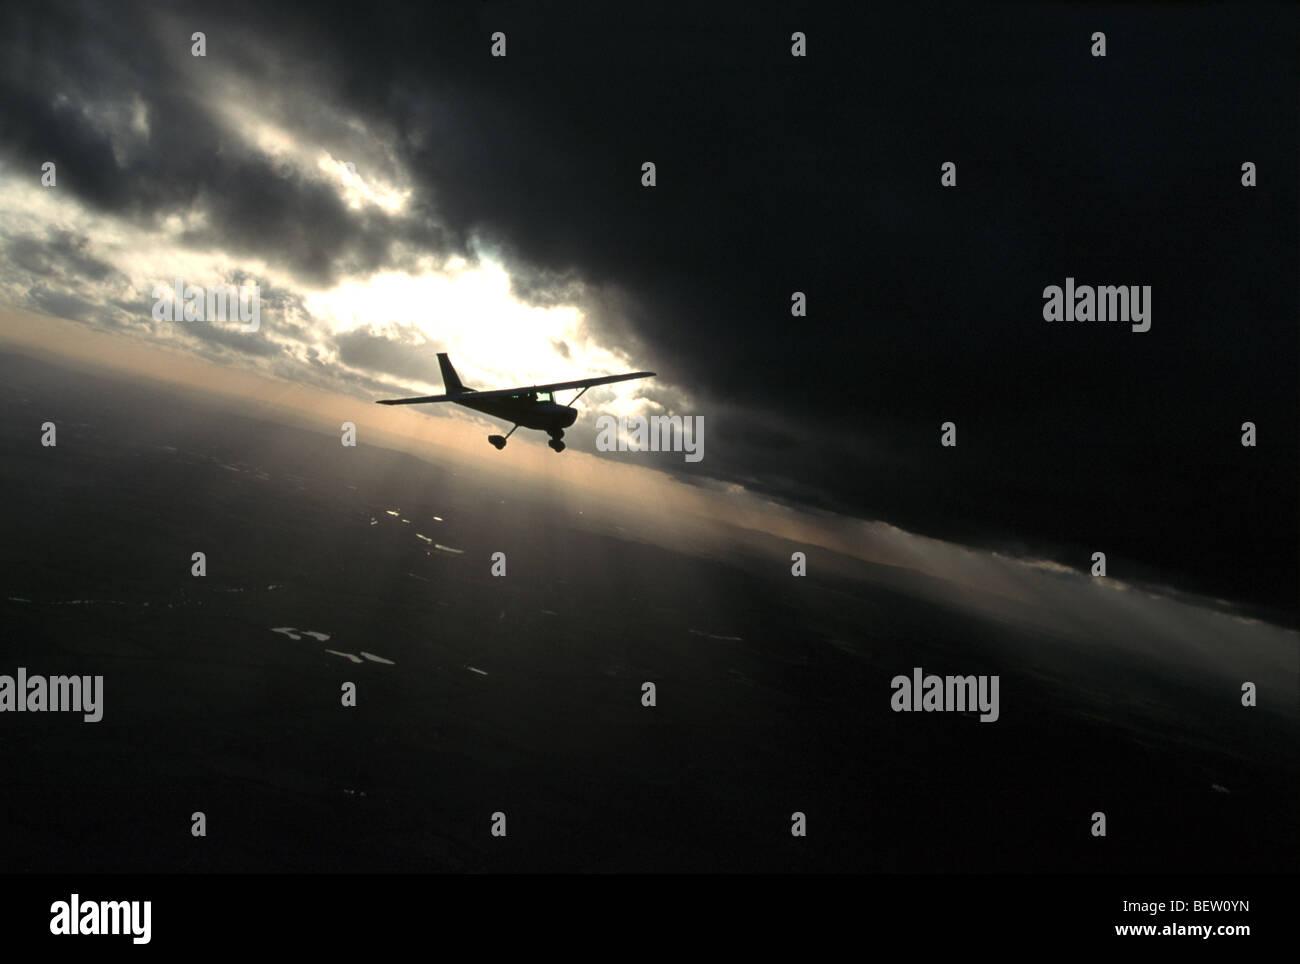 Avioneta volando a través de las nubes Imagen De Stock